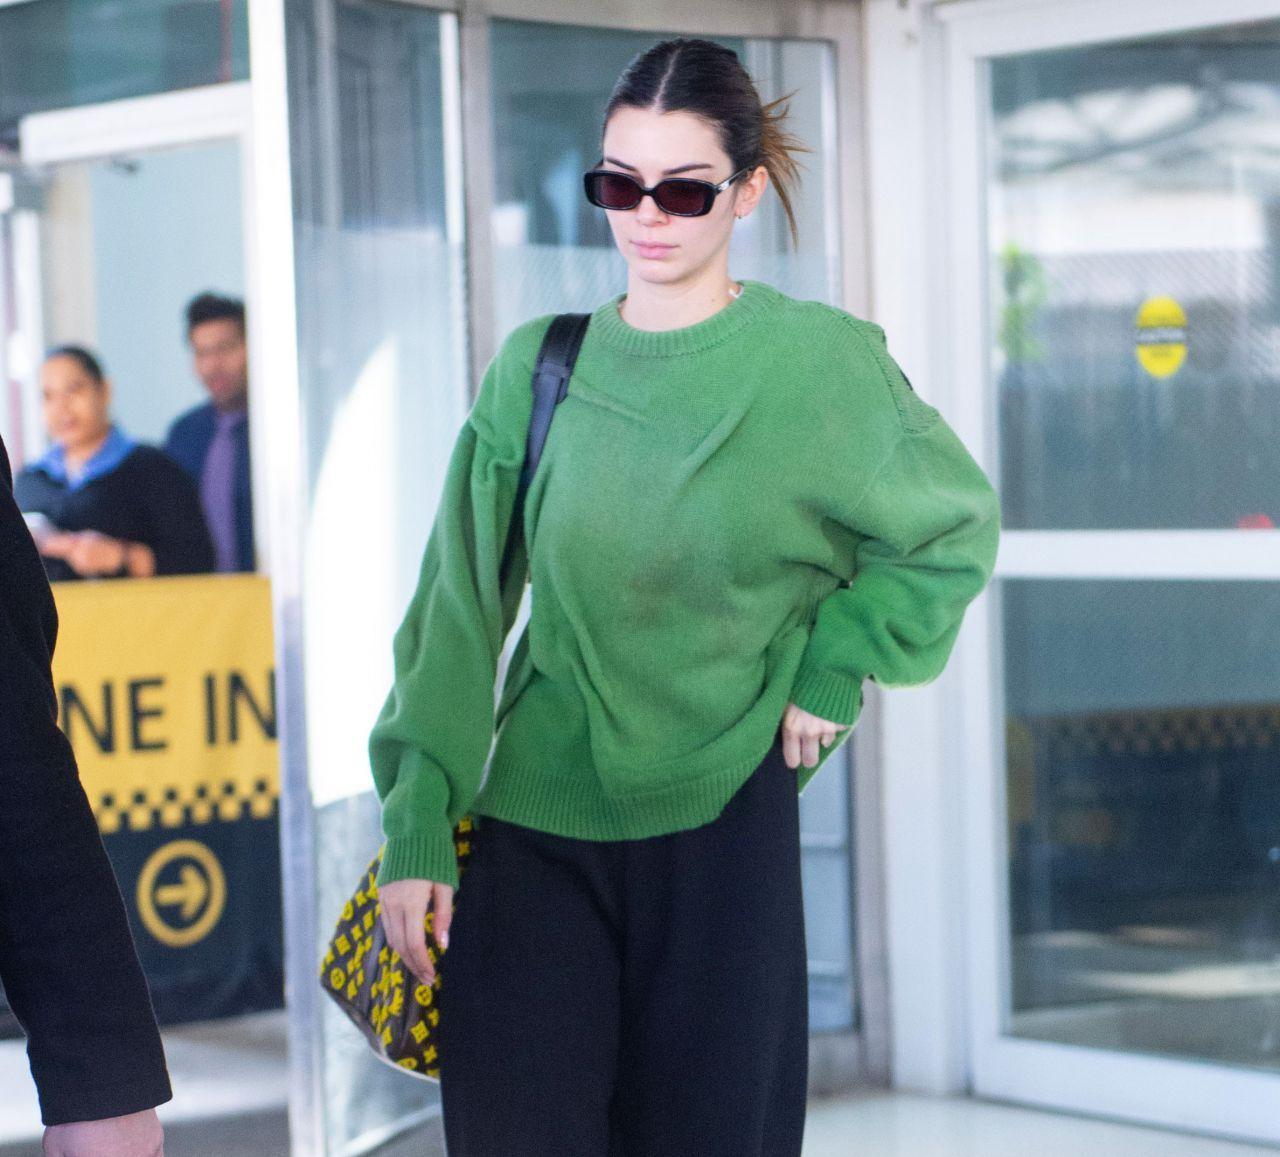 肯达尔·詹娜(Kendall Jenner)-纽约肯尼迪国际机场02/23/2020  @微